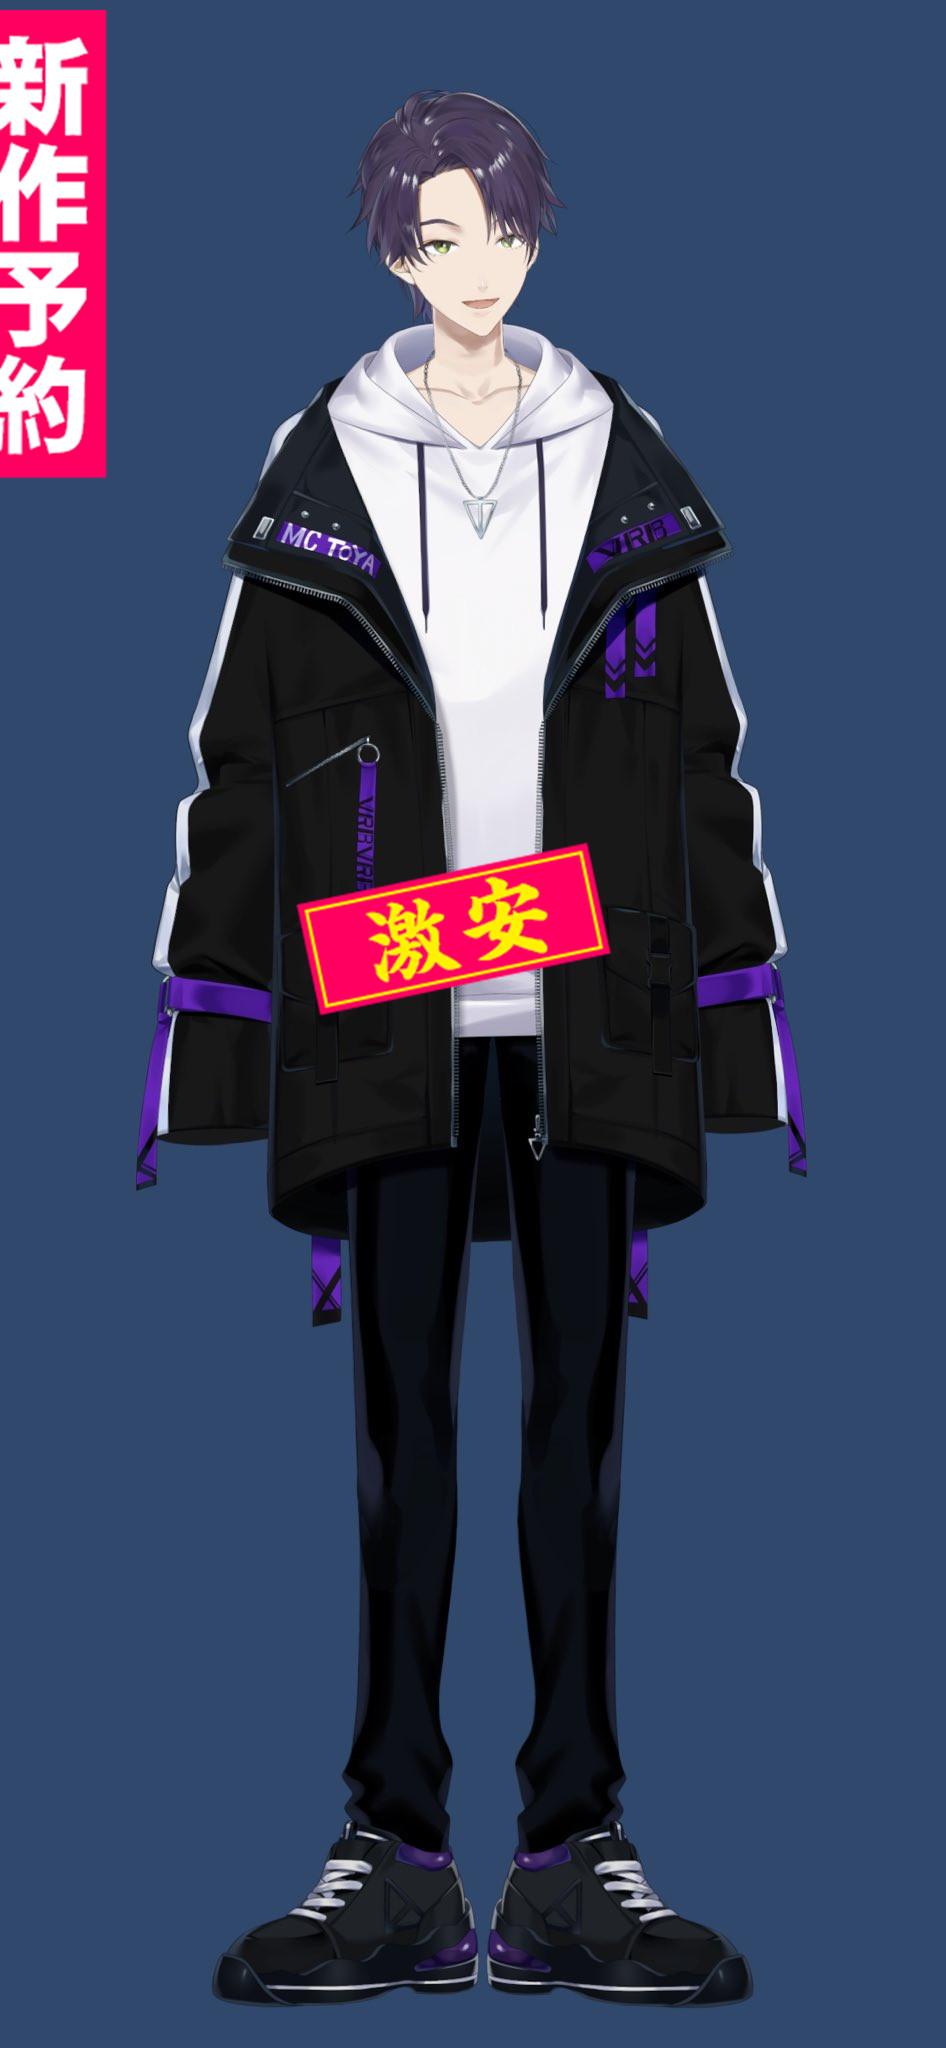 画像1: 新作予約 バーチャルYouTuber 剣持刀也 新衣装 ラッパー衣装 コスプレ衣装(製作決定) (1)